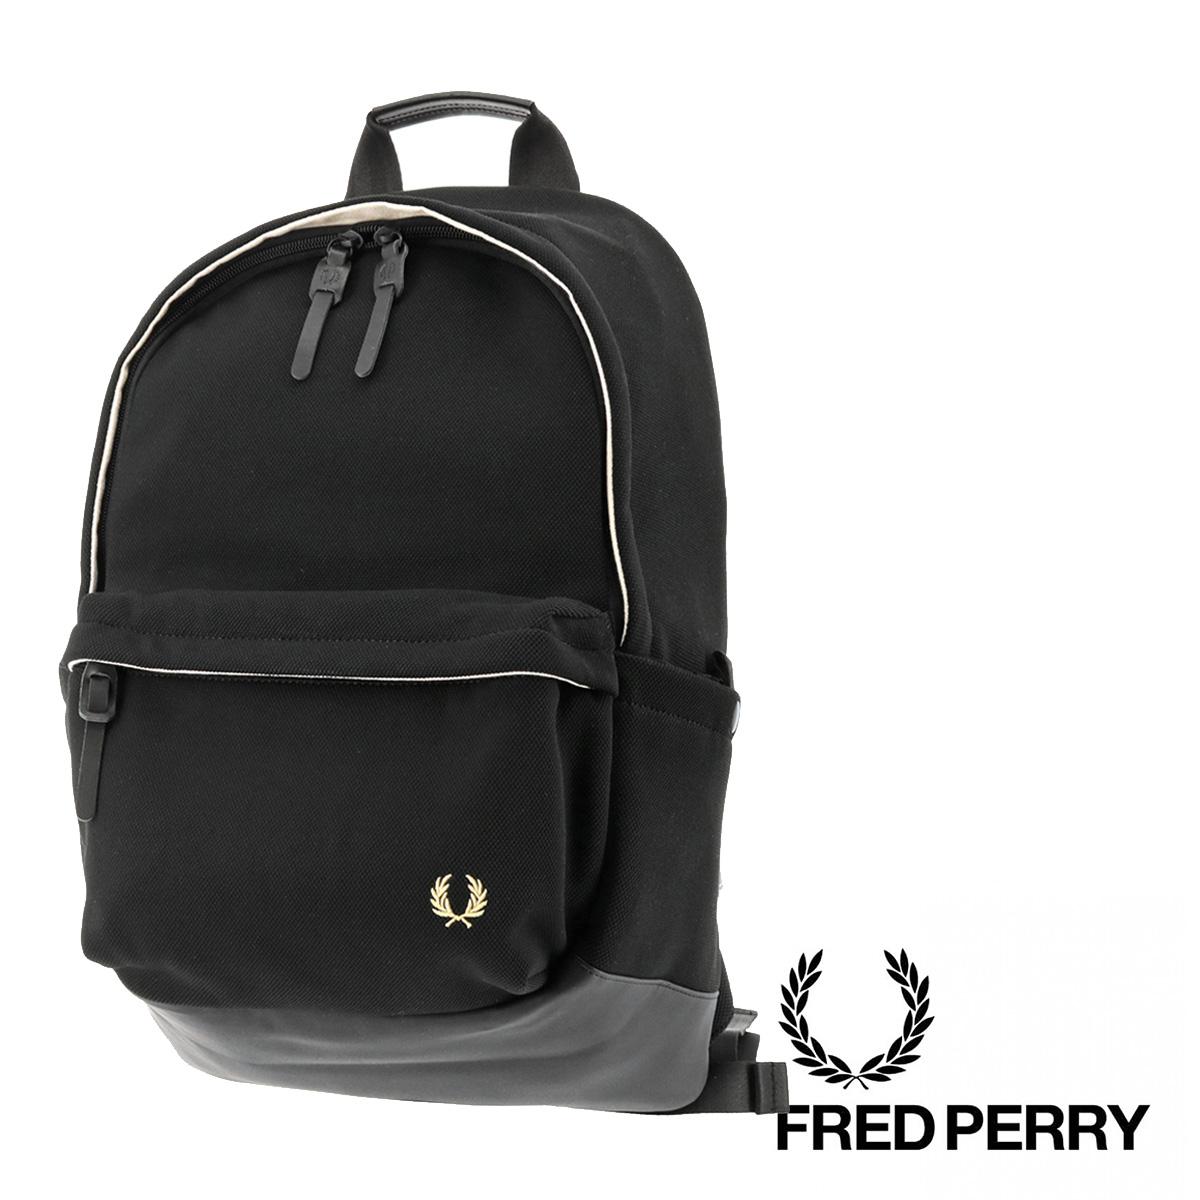 フレッドペリー リュック PIQUE ピケ カノコ F9541 | FRED PERRY バックパック リュックサック メンズ レディース [即日発送]【PO10】